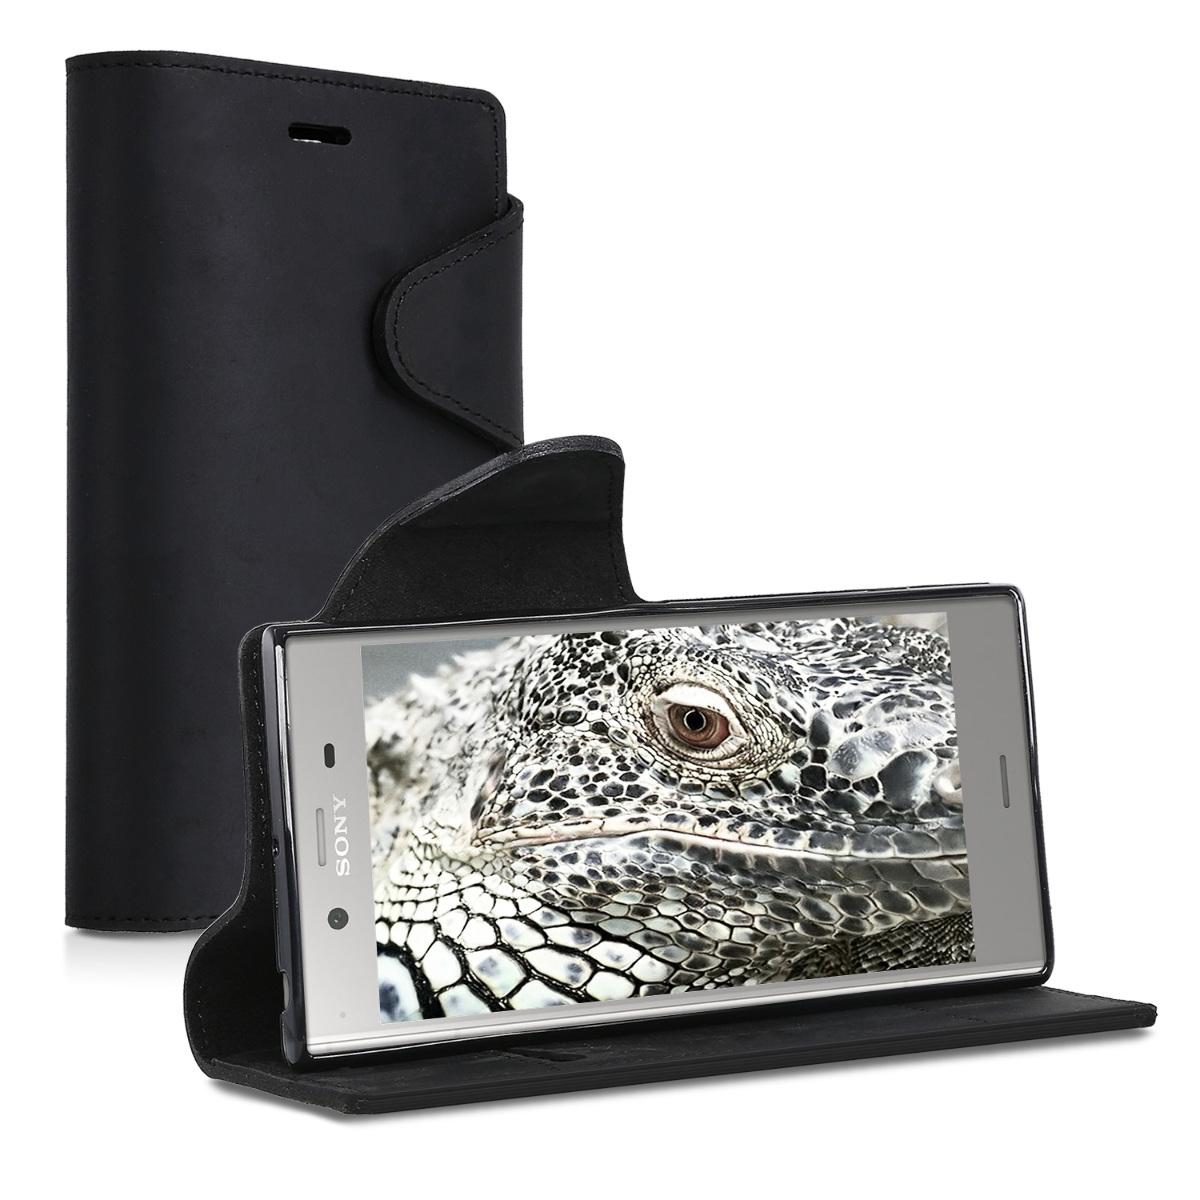 Kalibri Δερμάτινη Suede Θήκη - Πορτοφόλι Sony Xperia XZ1 - Black (42926.01)